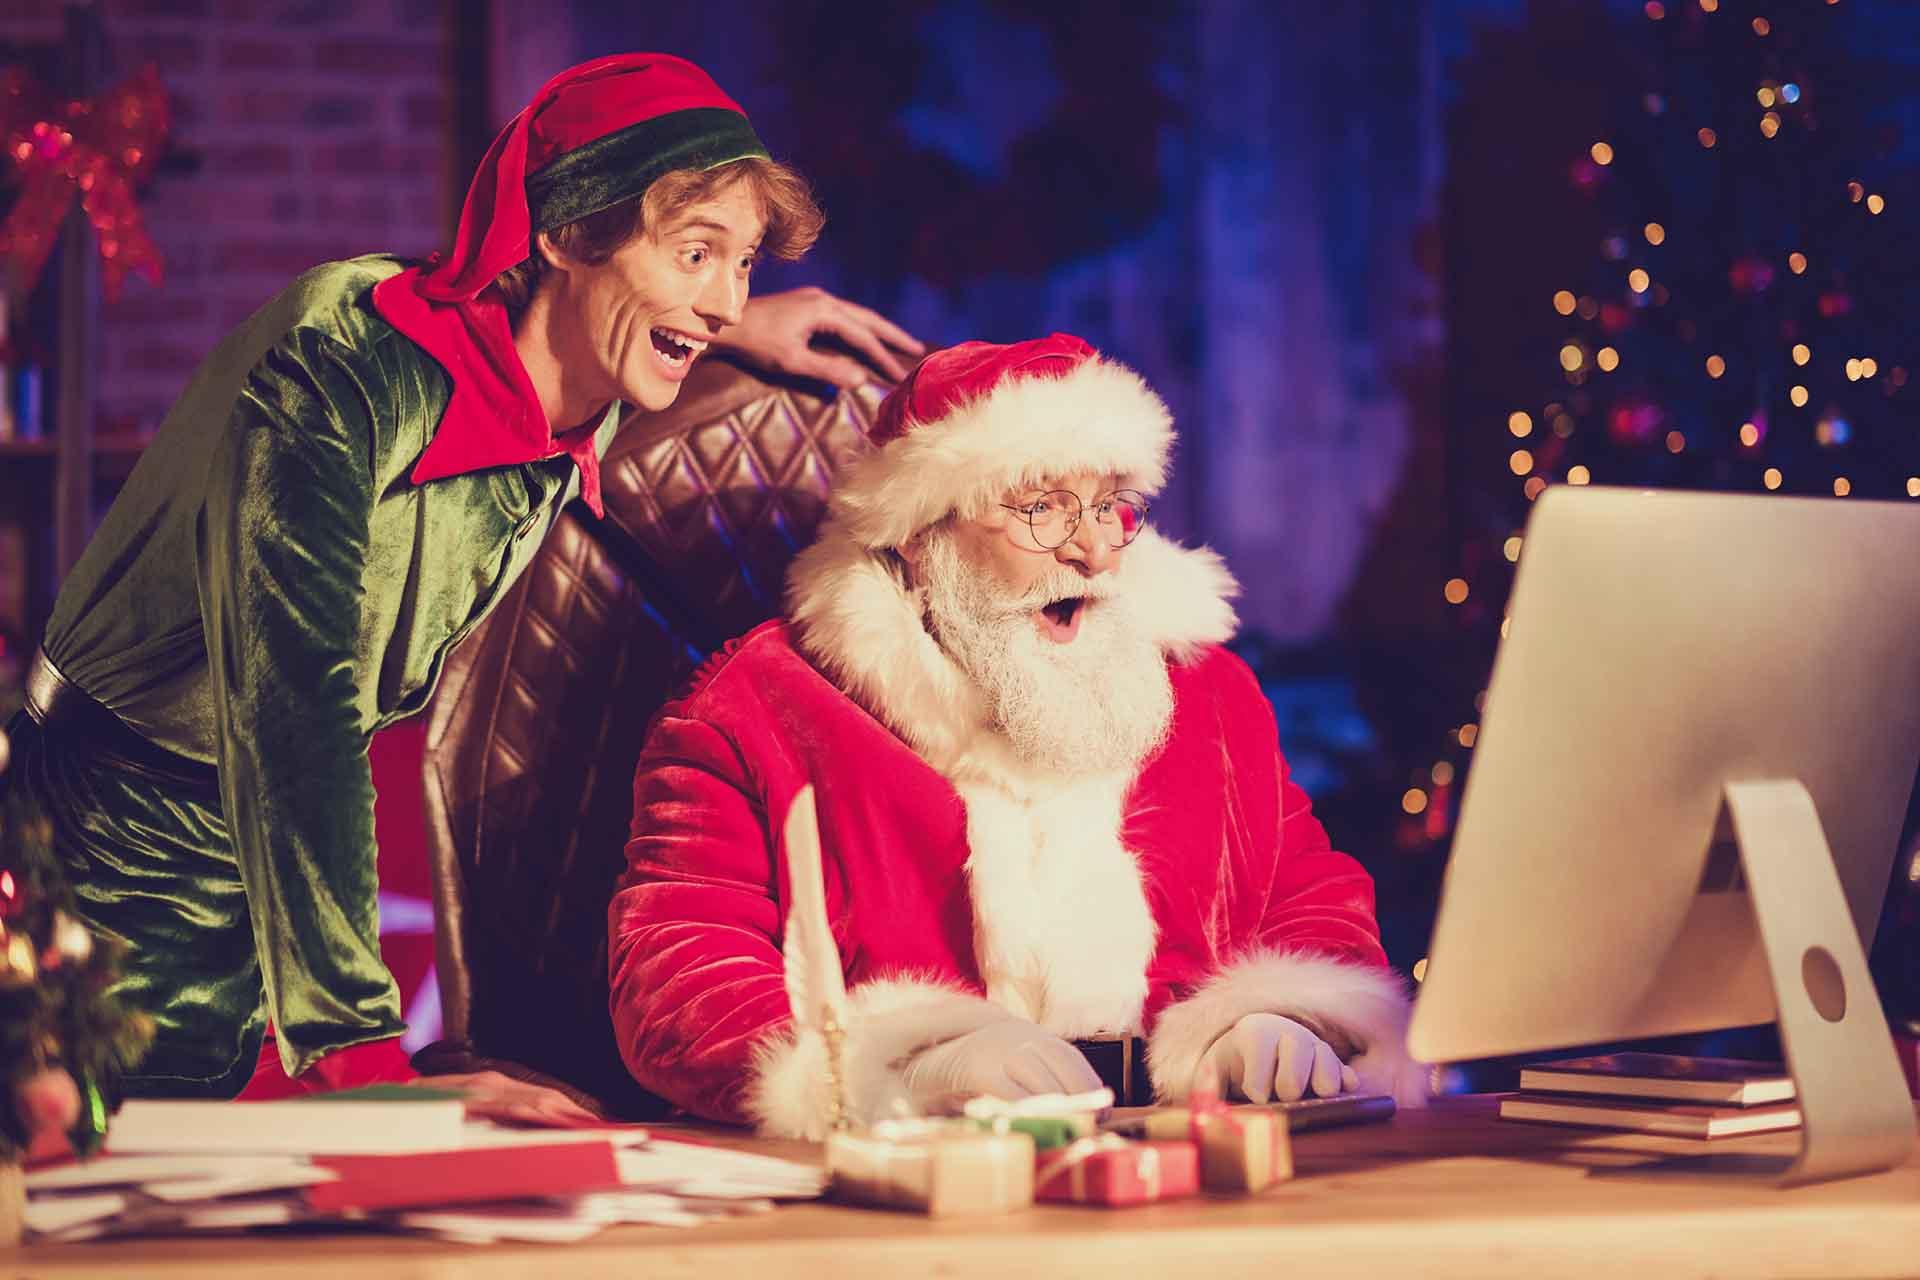 ¿Cómo generar más ventas en Navidad?